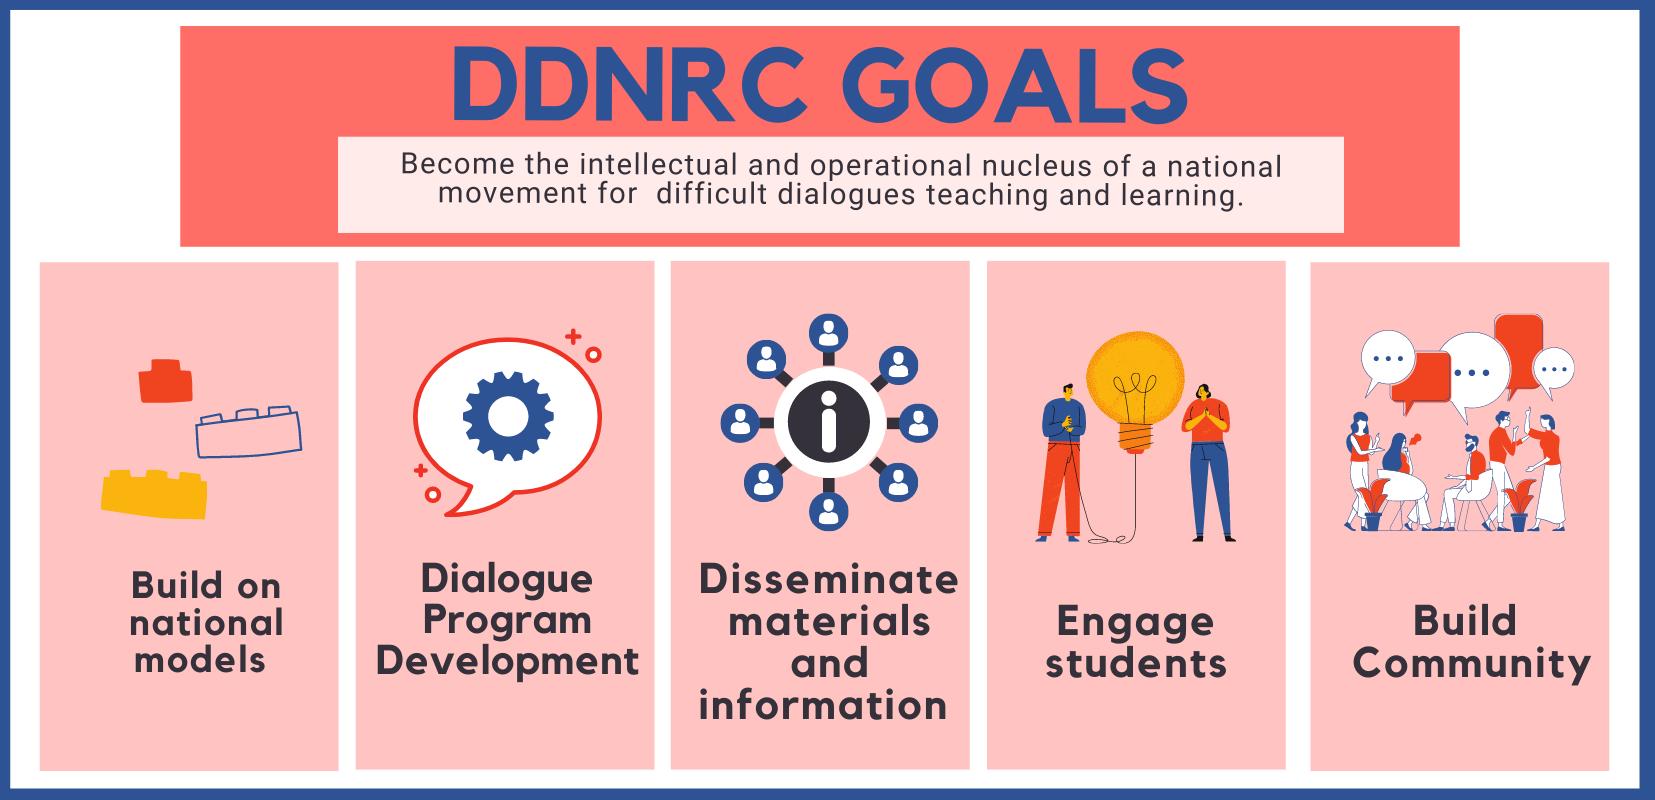 DDNRC Goals